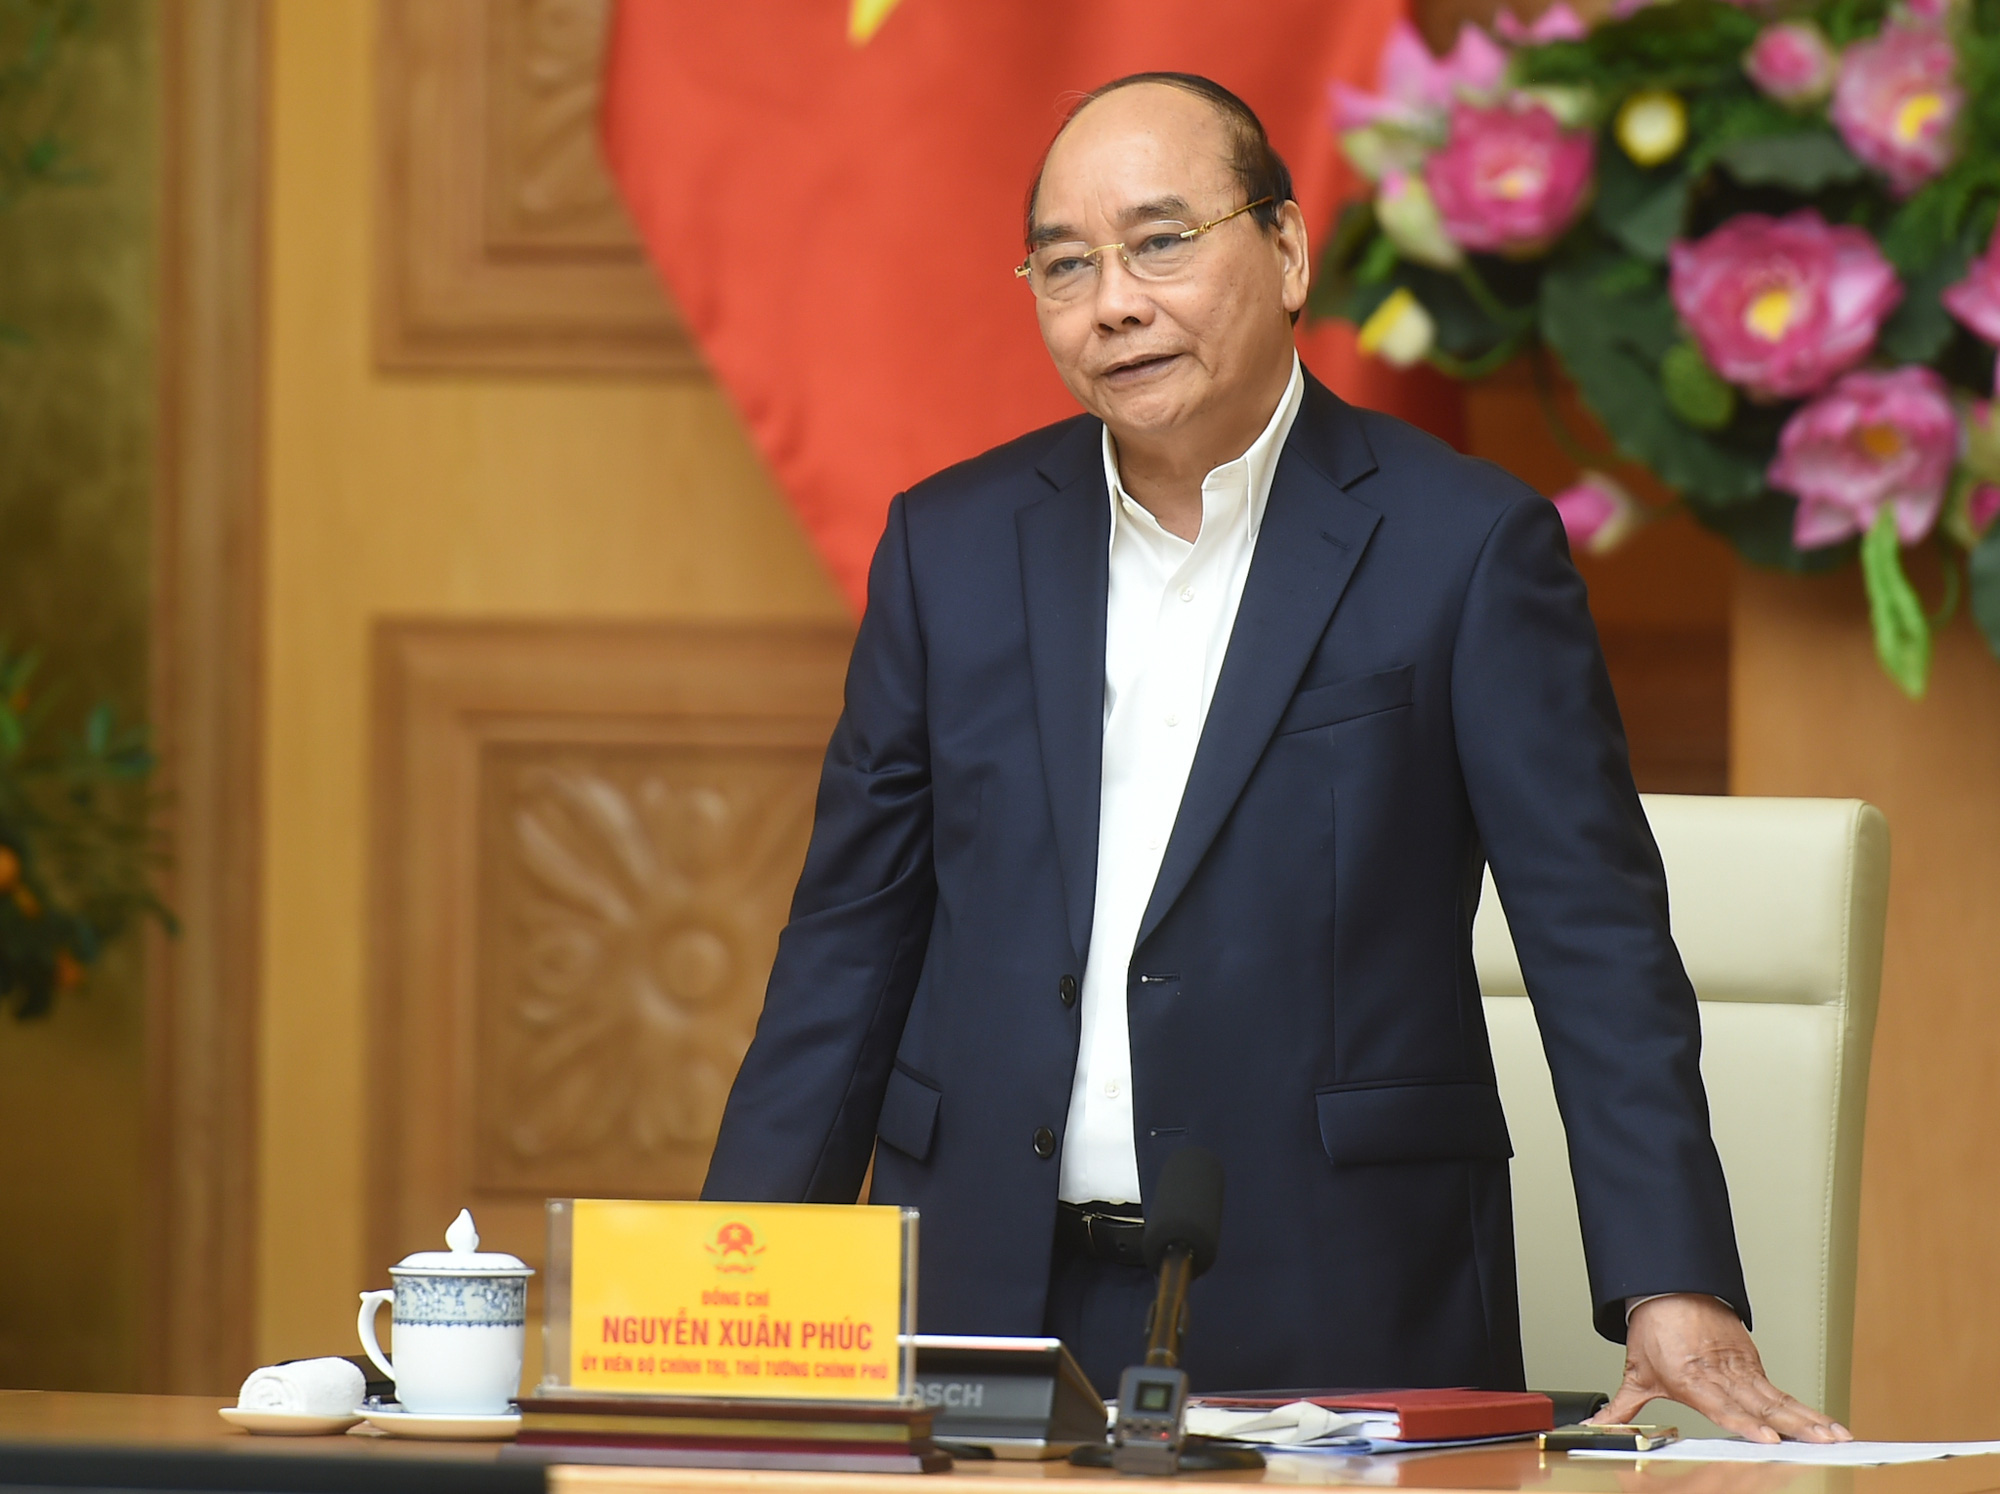 Thủ tướng Nguyễn Xuân Phúc: TP. Đà Nẵng đáng sống là như thế nào - Ảnh 1.